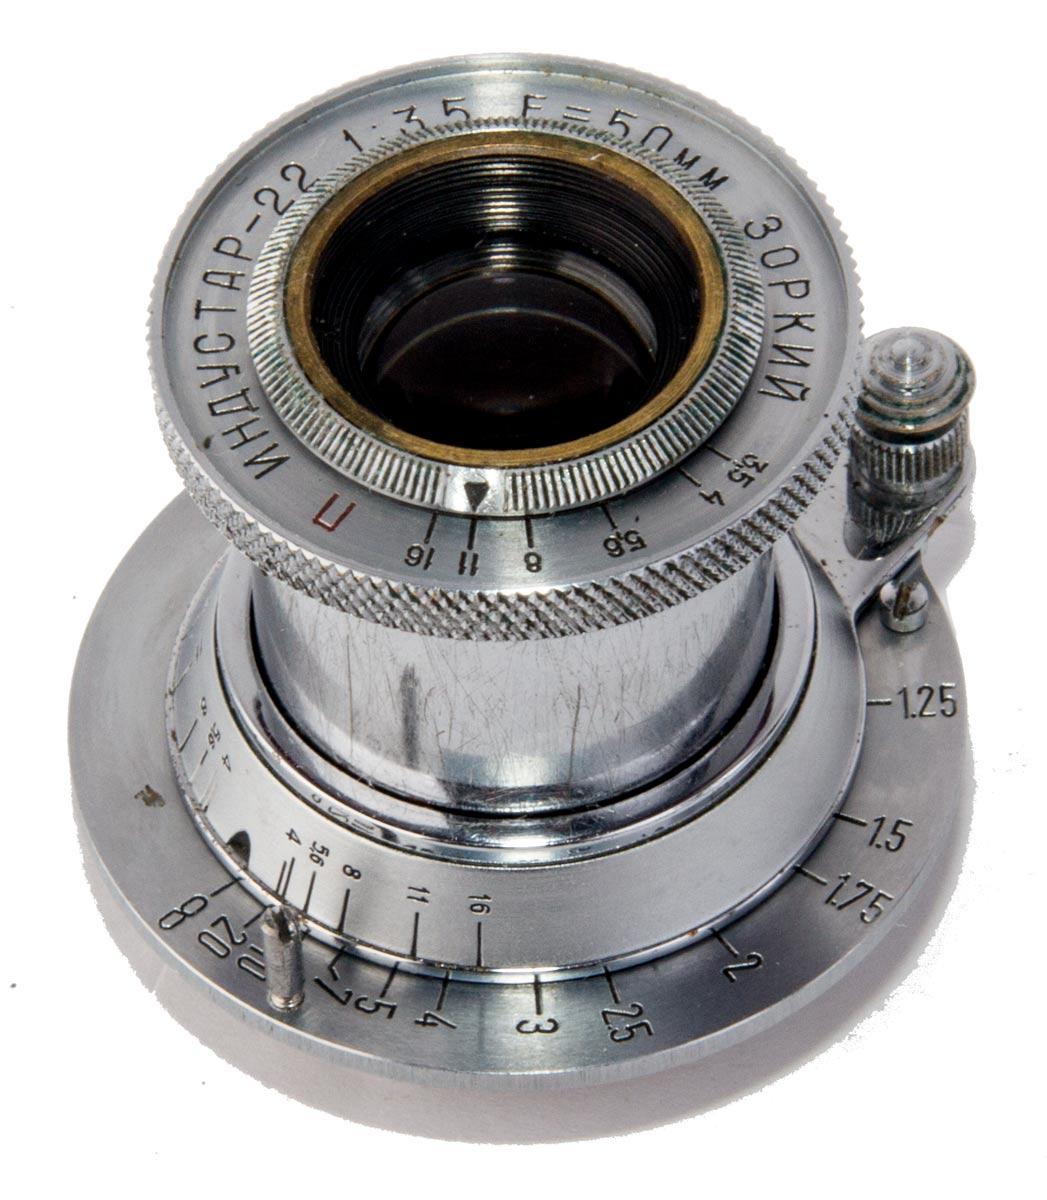 Industar-22